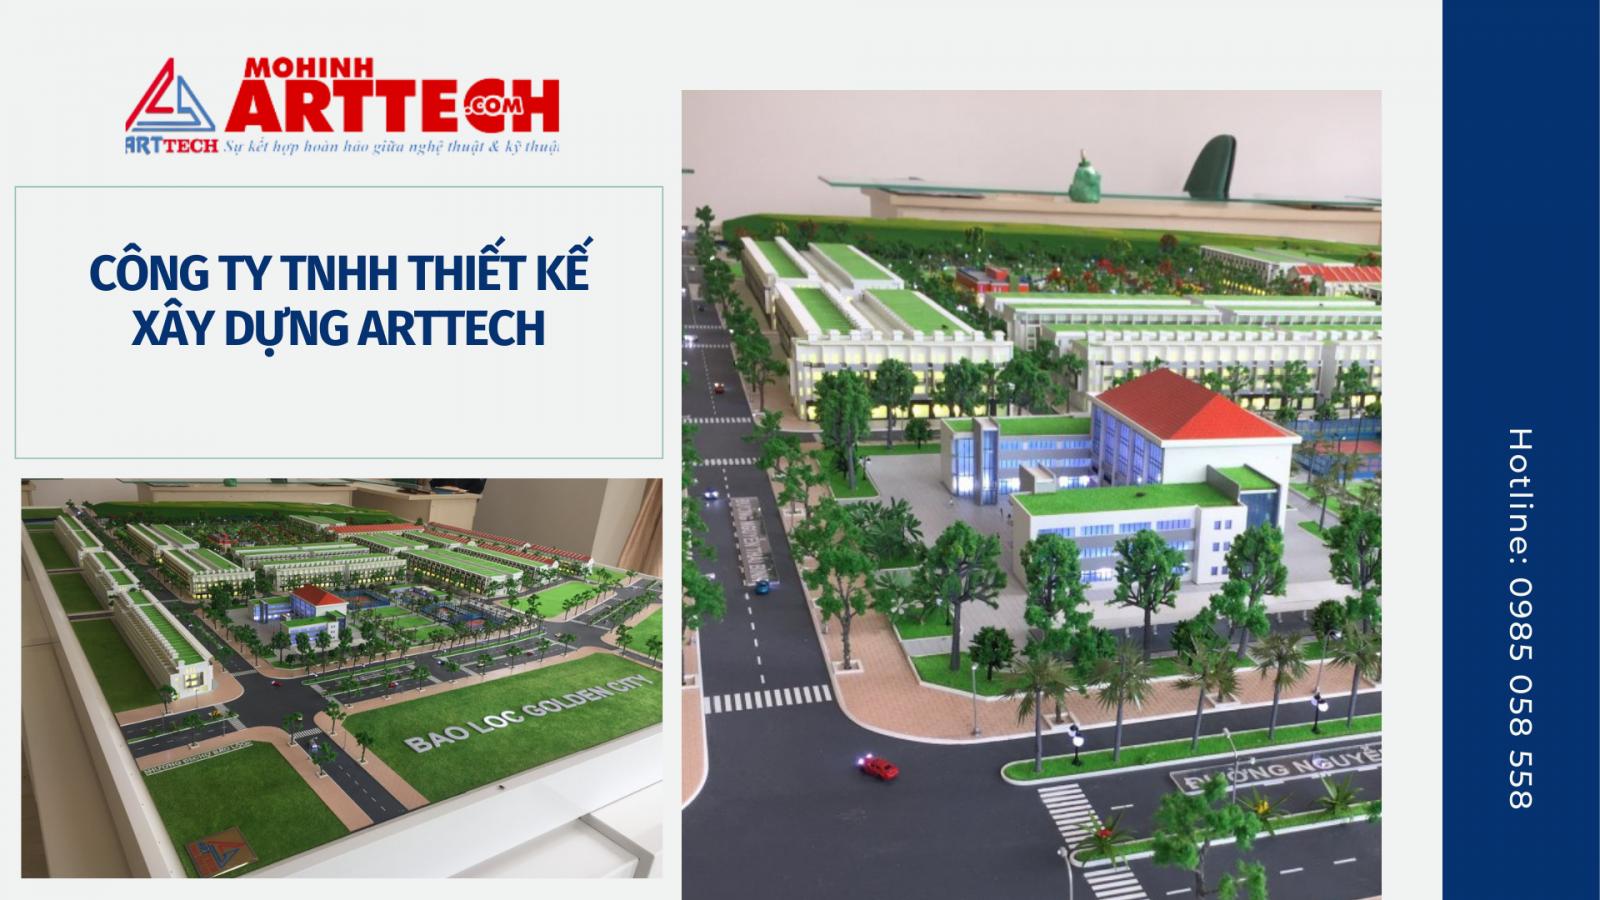 Mô hình kiến trúc Arttech